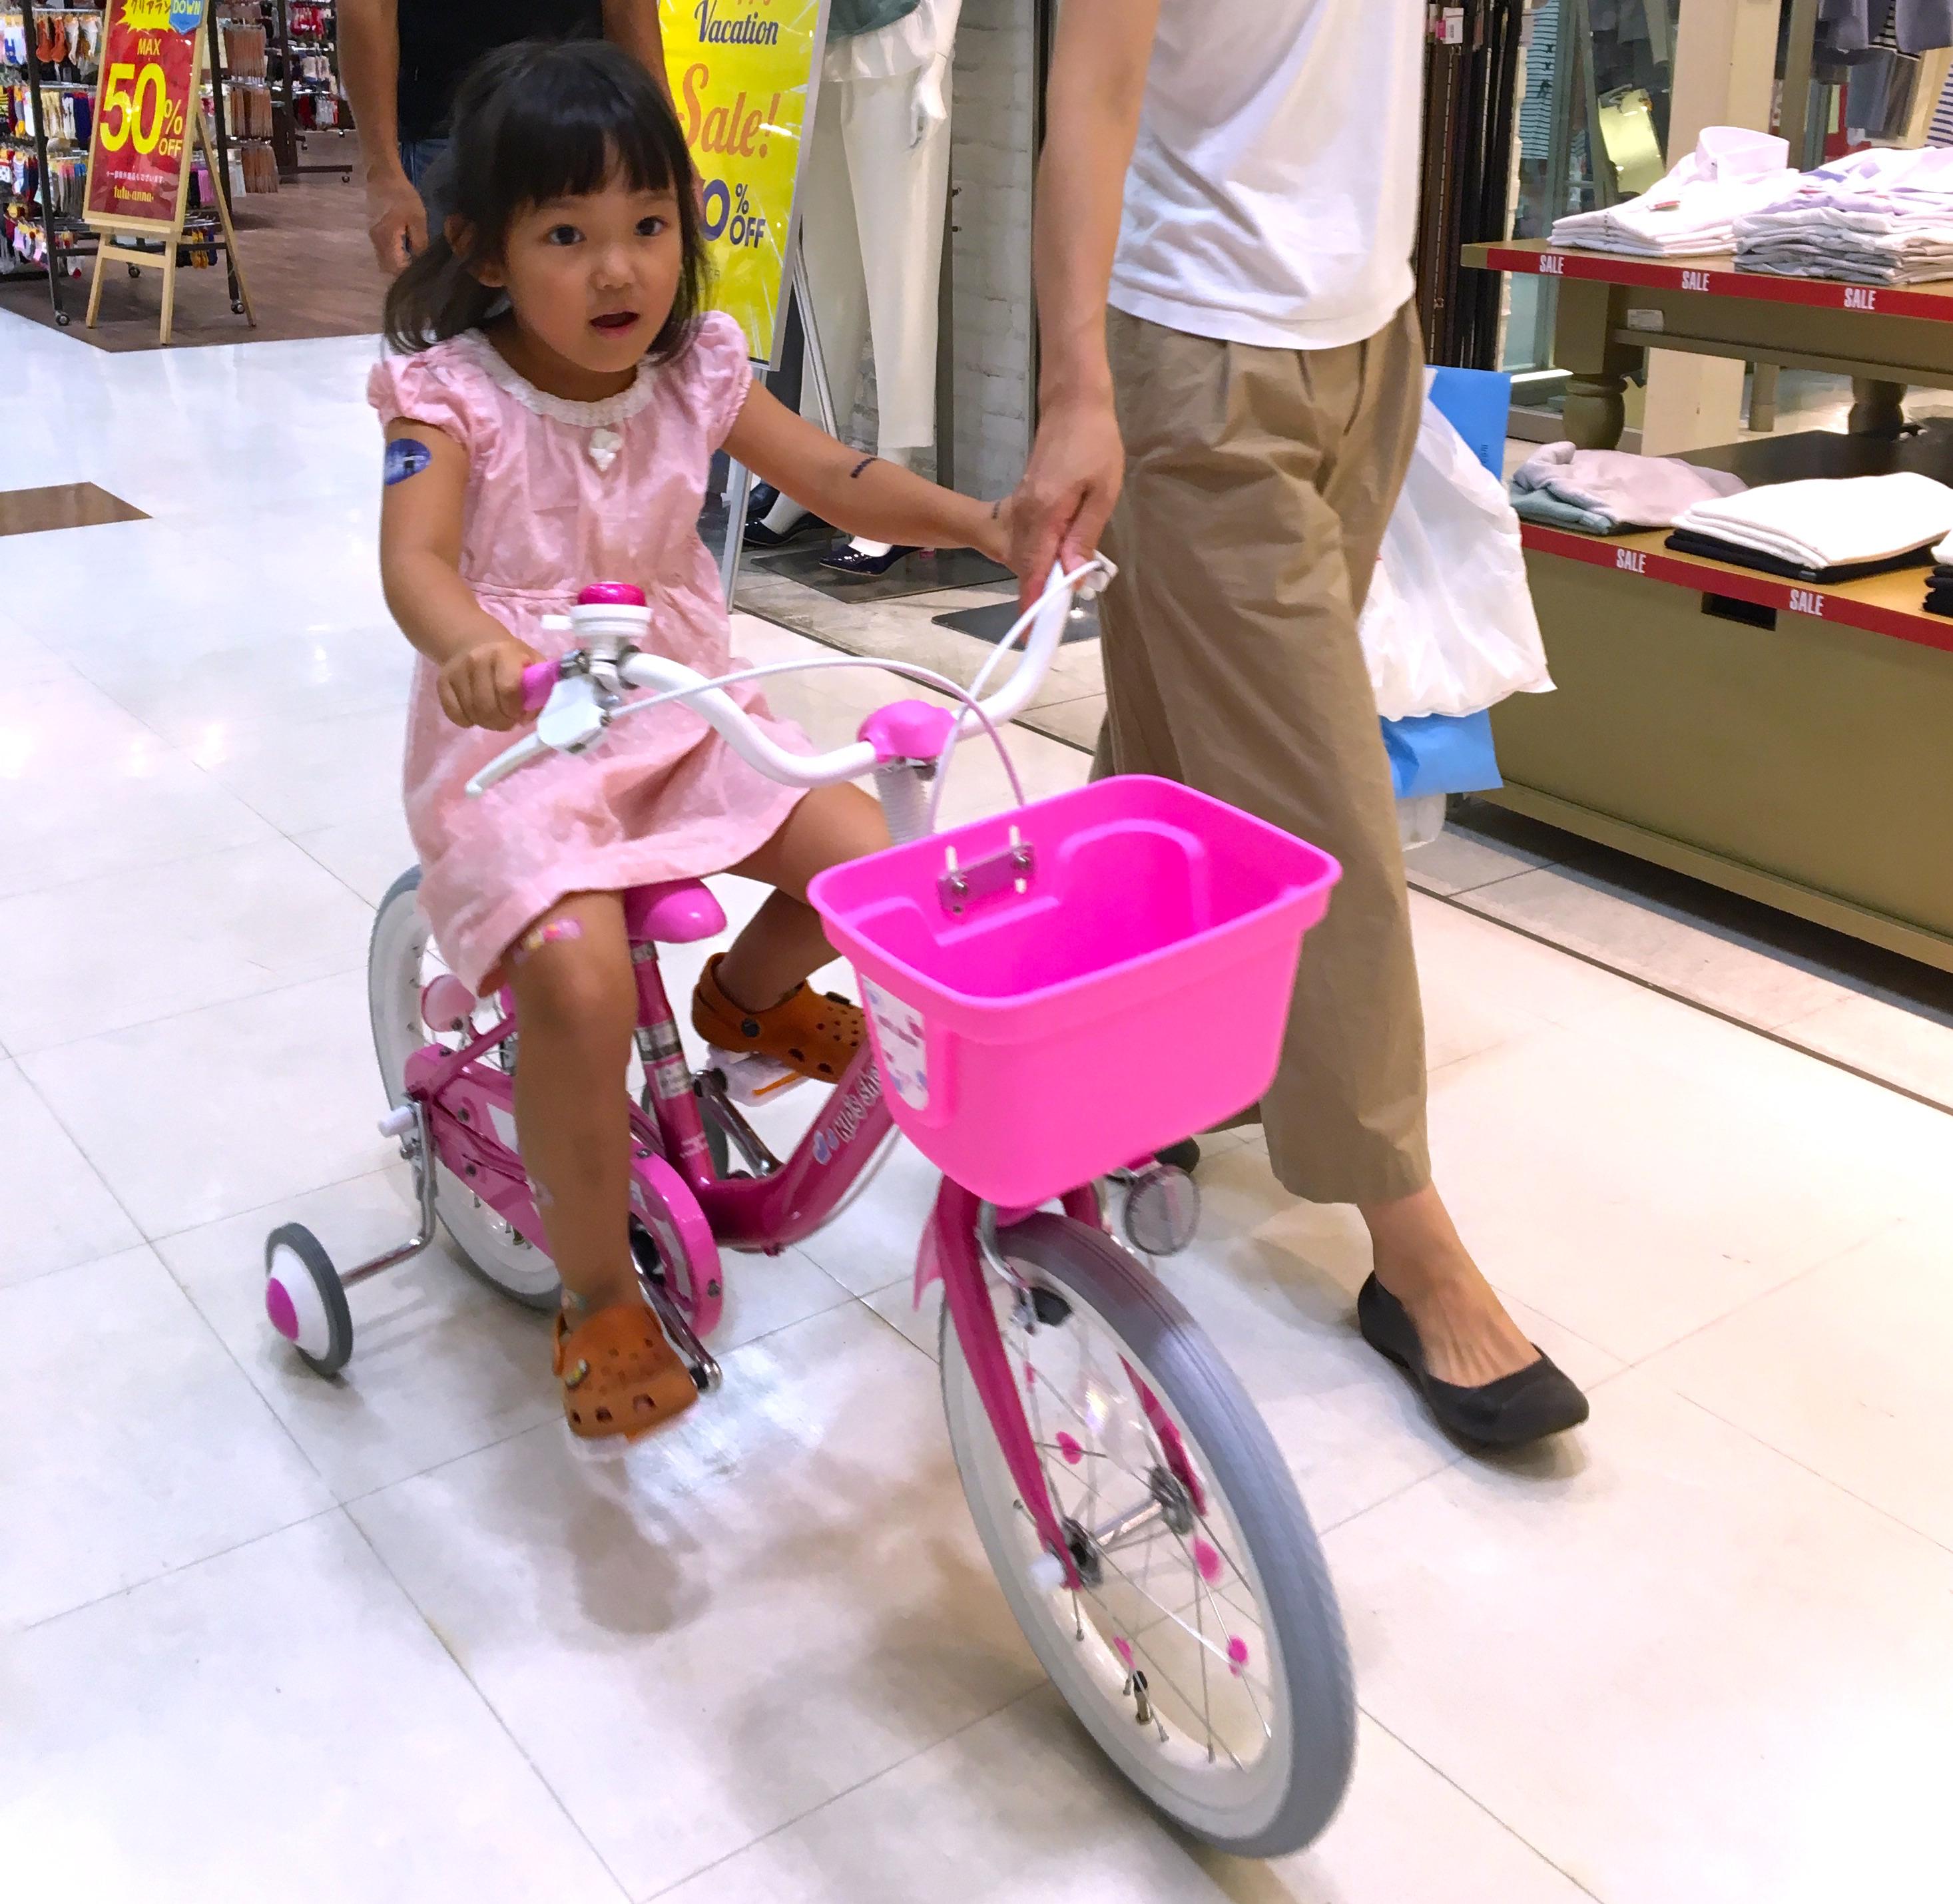 次女の自転車を買いに〜逗子の自転車通販「ニコライド」にお世話になりました。